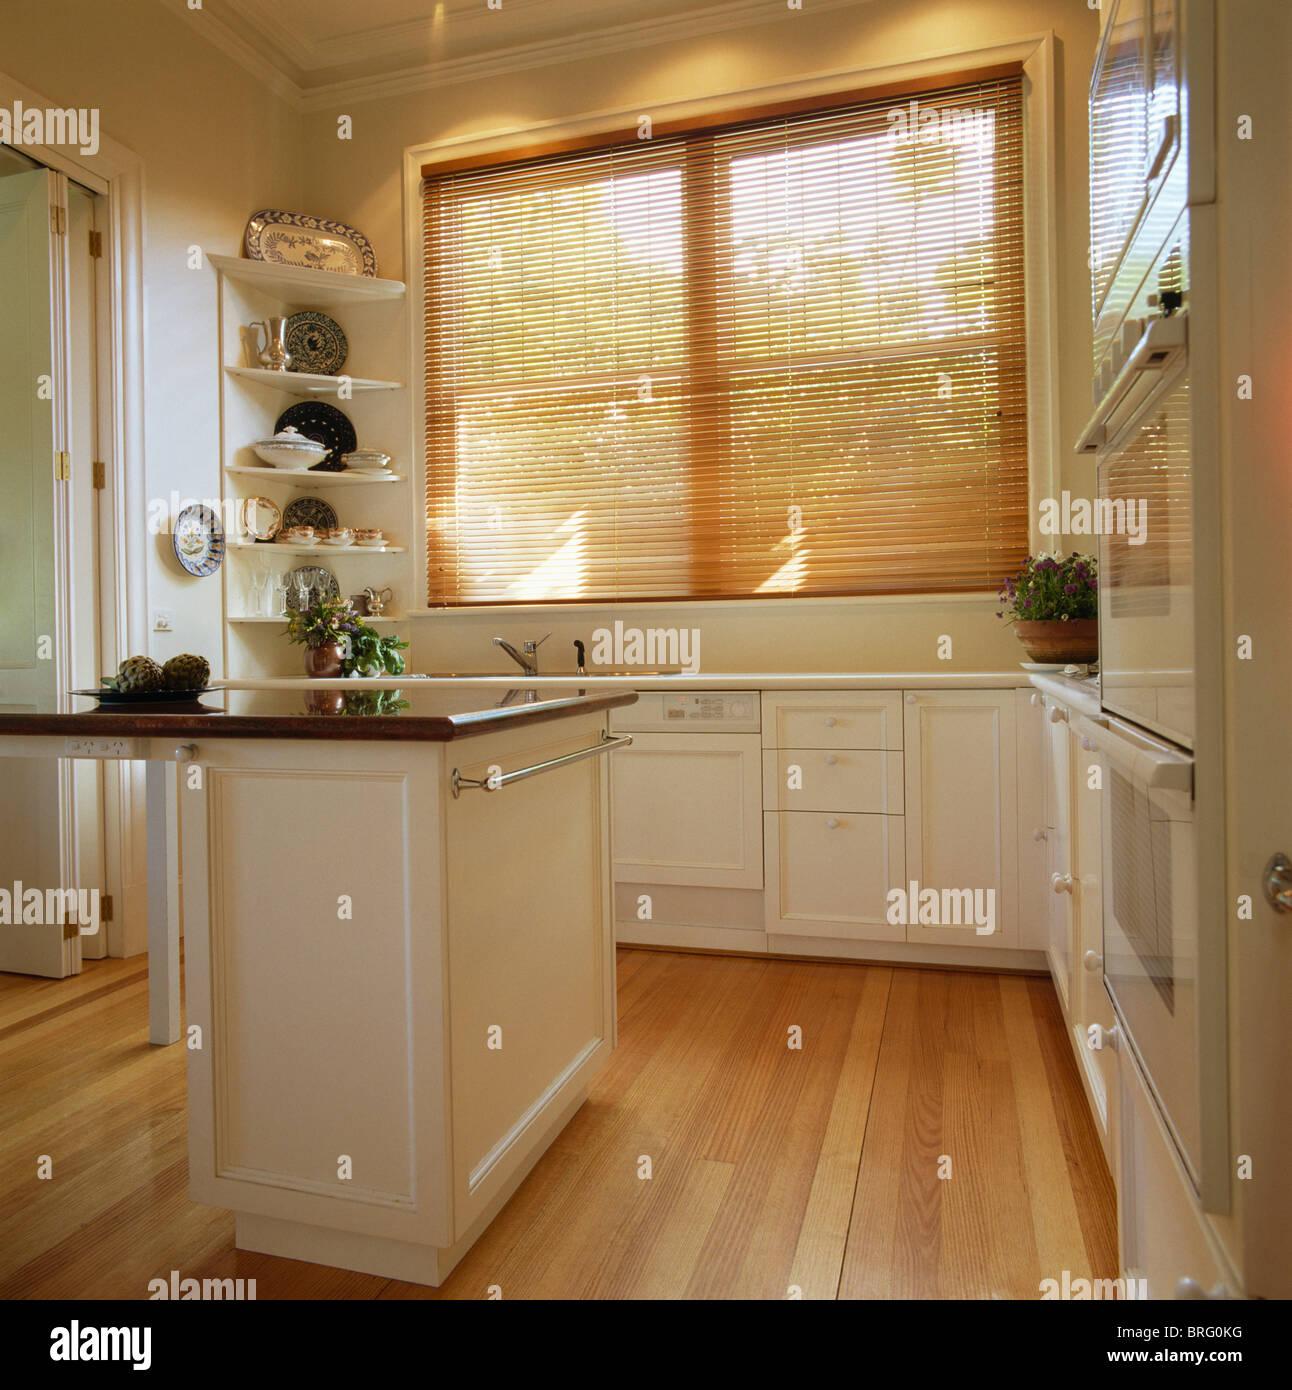 White Kitchen Blinds: Wooden Venetian Blind On Window In Modern White Kitchen